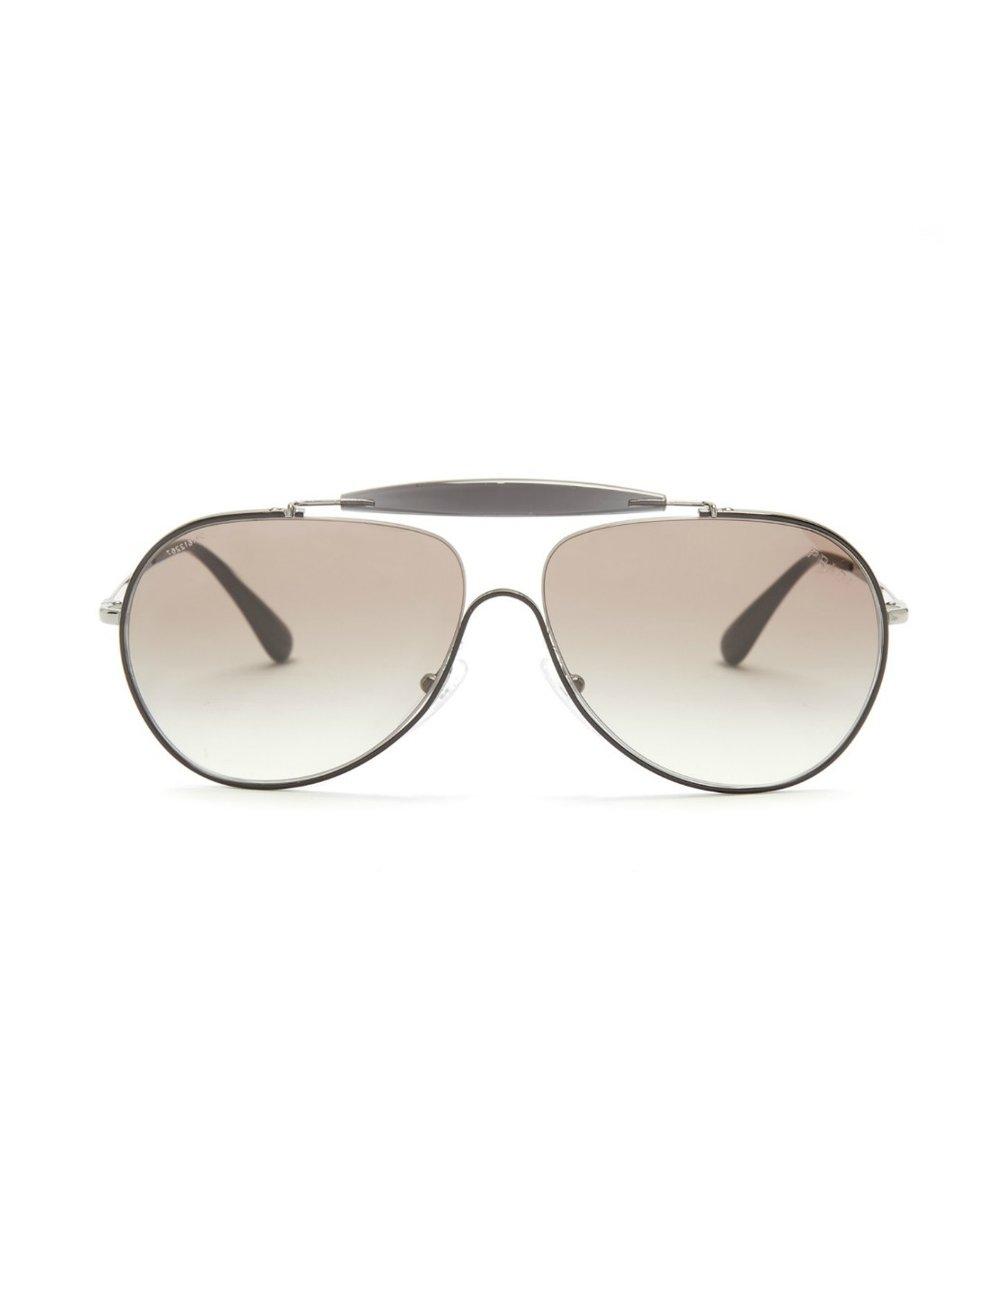 PRADATinted aviator sunglasses - MATCHESFASHION..COM